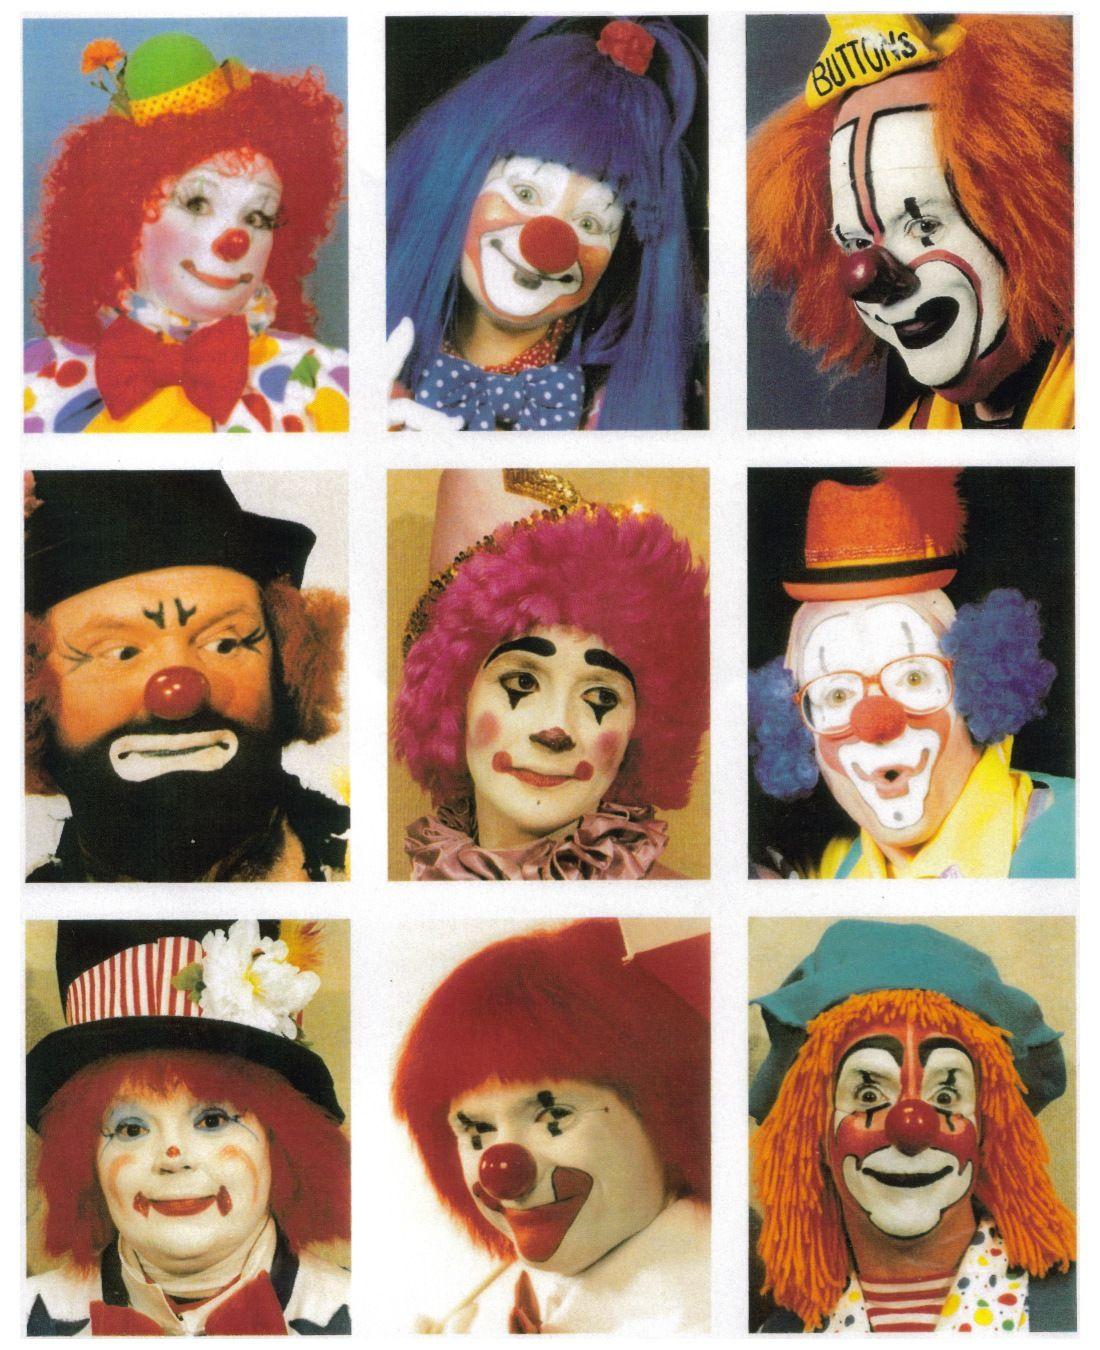 Hobo Clown Faces